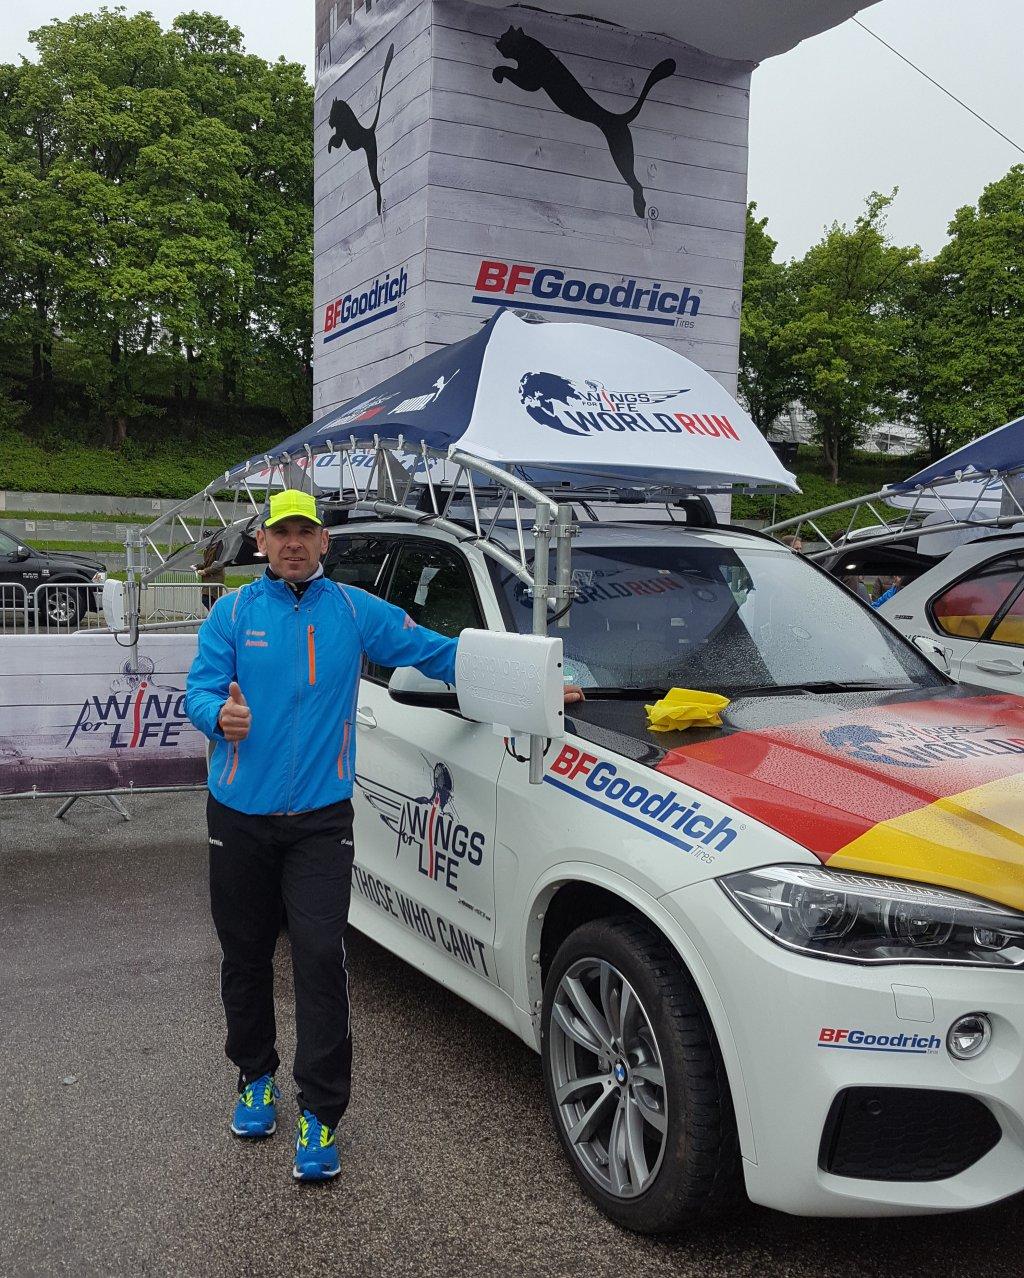 Armin neben dem Catcher Car